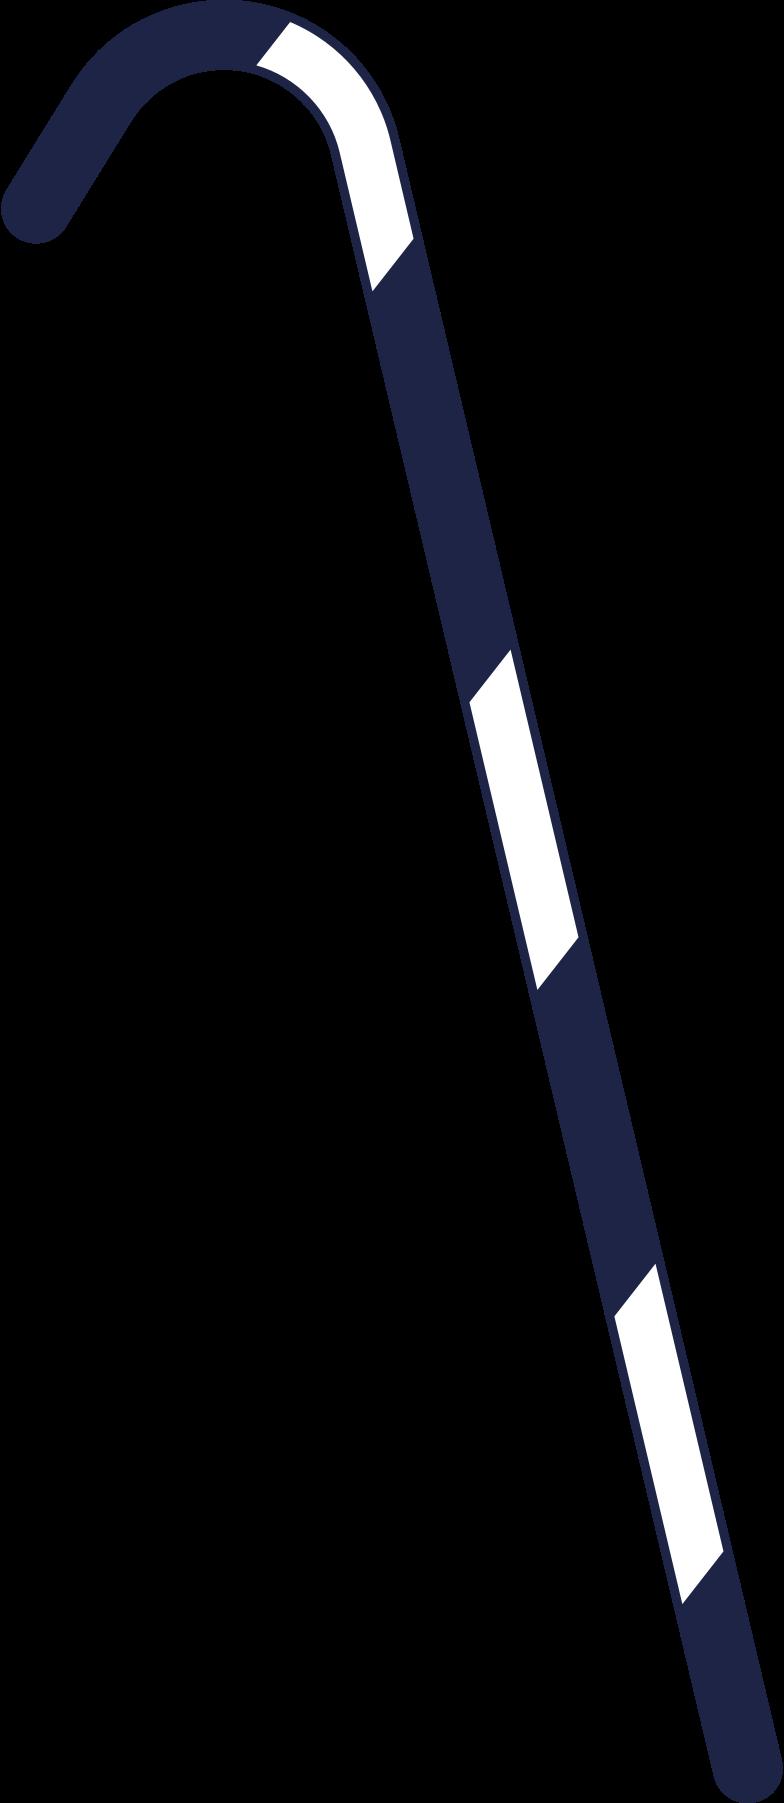 santa cane Clipart illustration in PNG, SVG